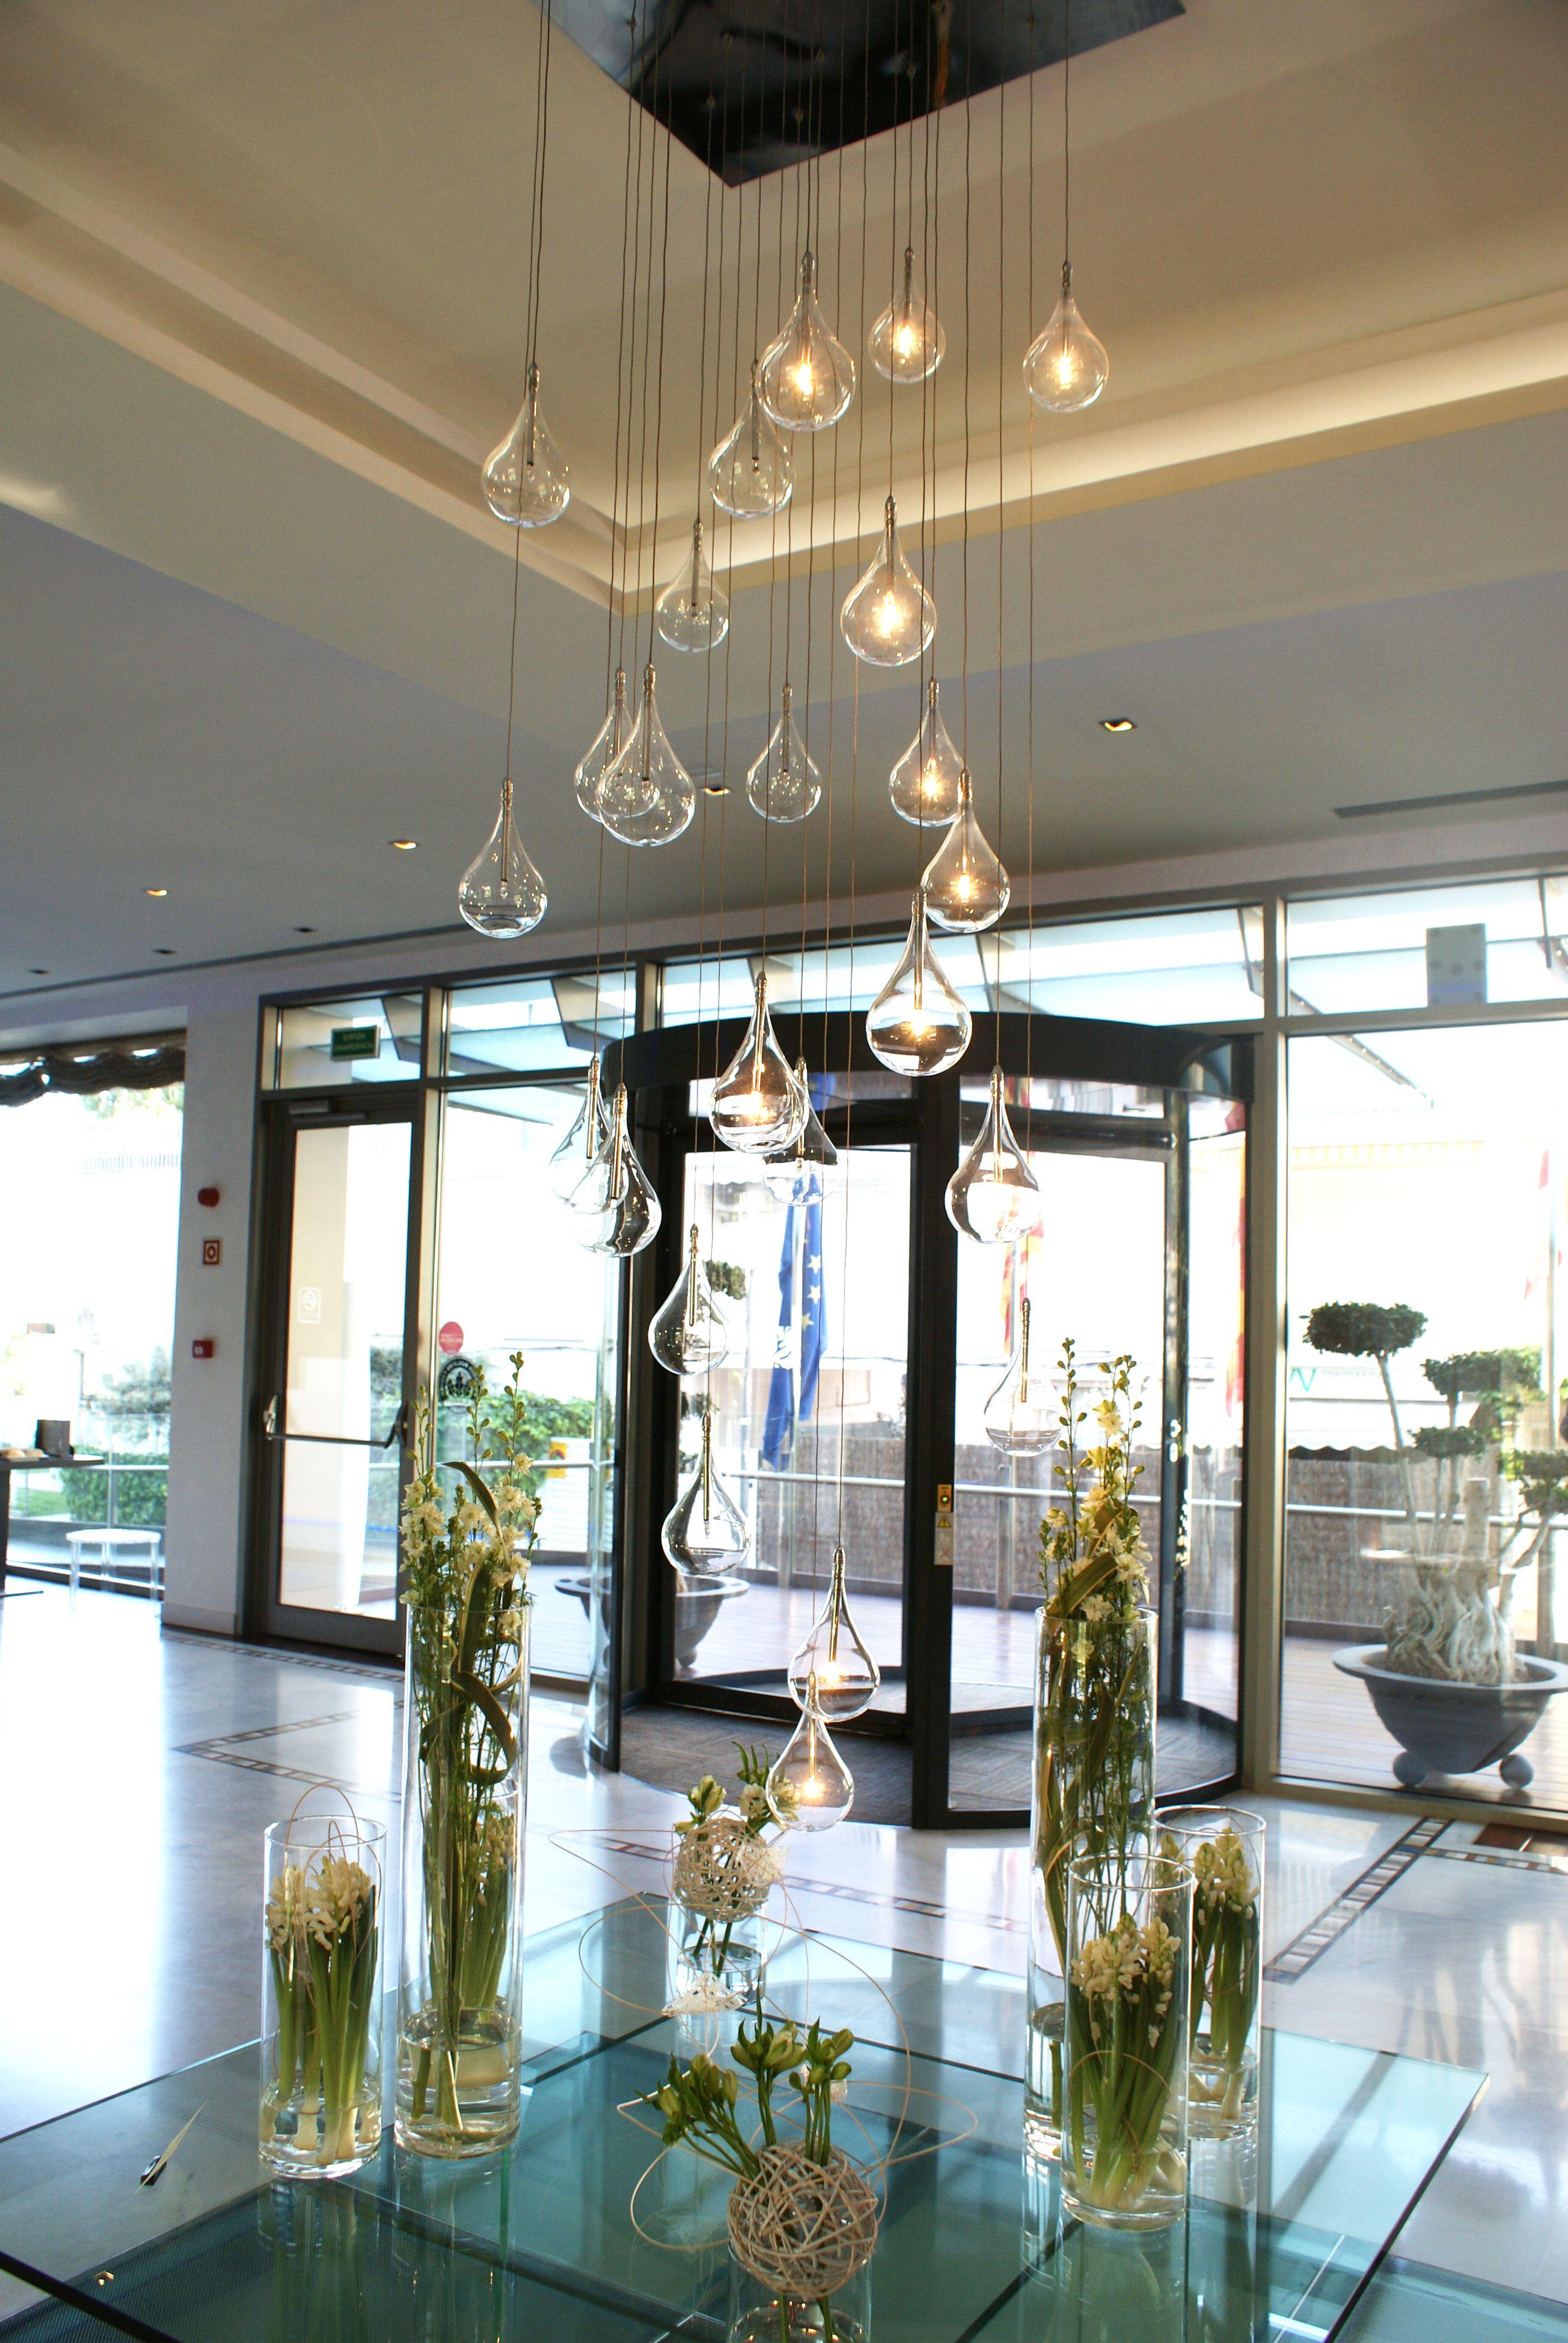 en colocados lampara detalles Fabulosa y hall florales el CWoexBrd